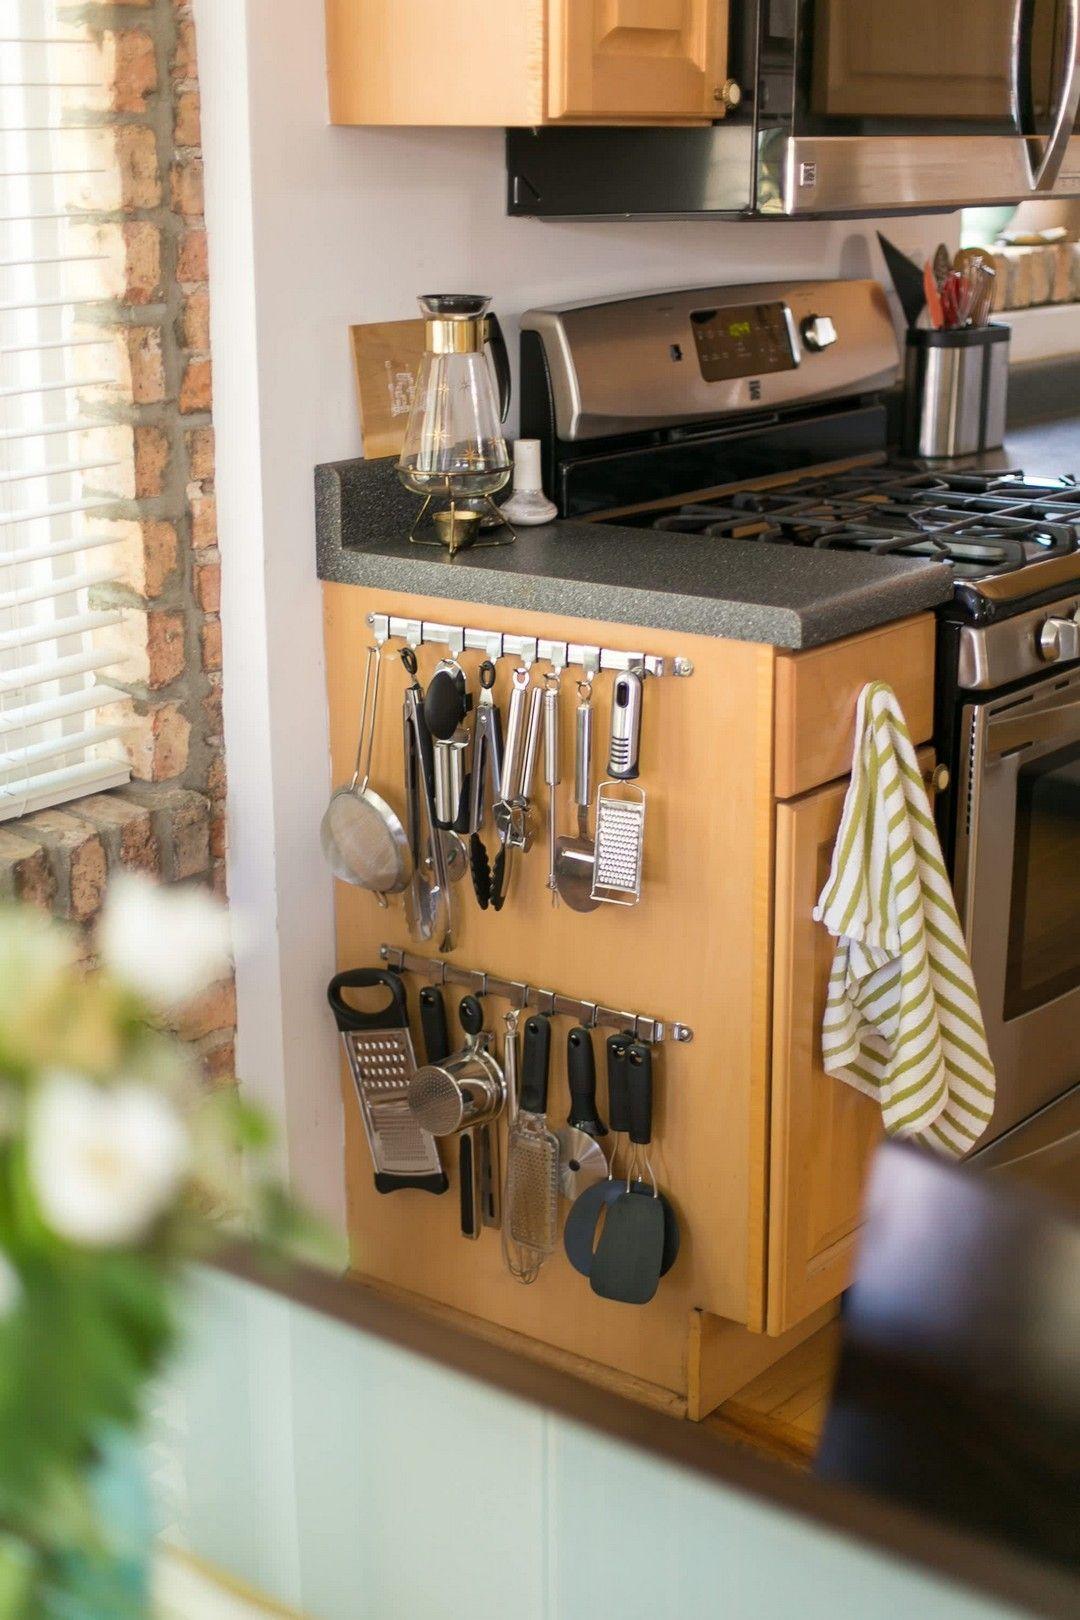 Lovely DIY Kitchen Storage Ideas To Maximize Kitchen Space 23